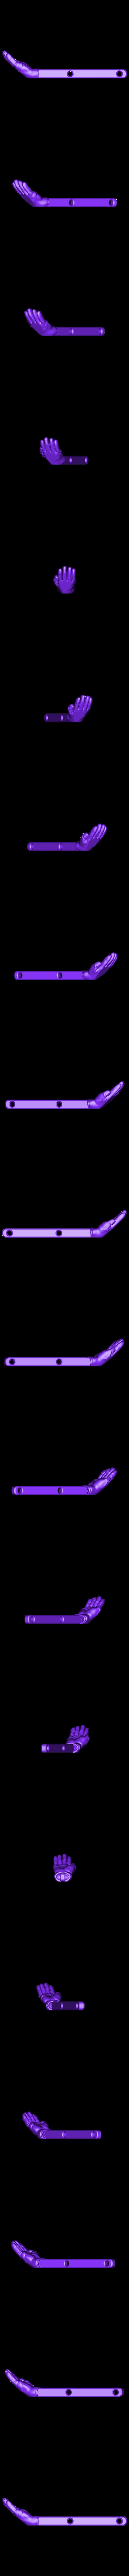 Glove_Left_dmdf.OBJ Download free OBJ file Scissor Hands • 3D printable design, Nairobiguy3D